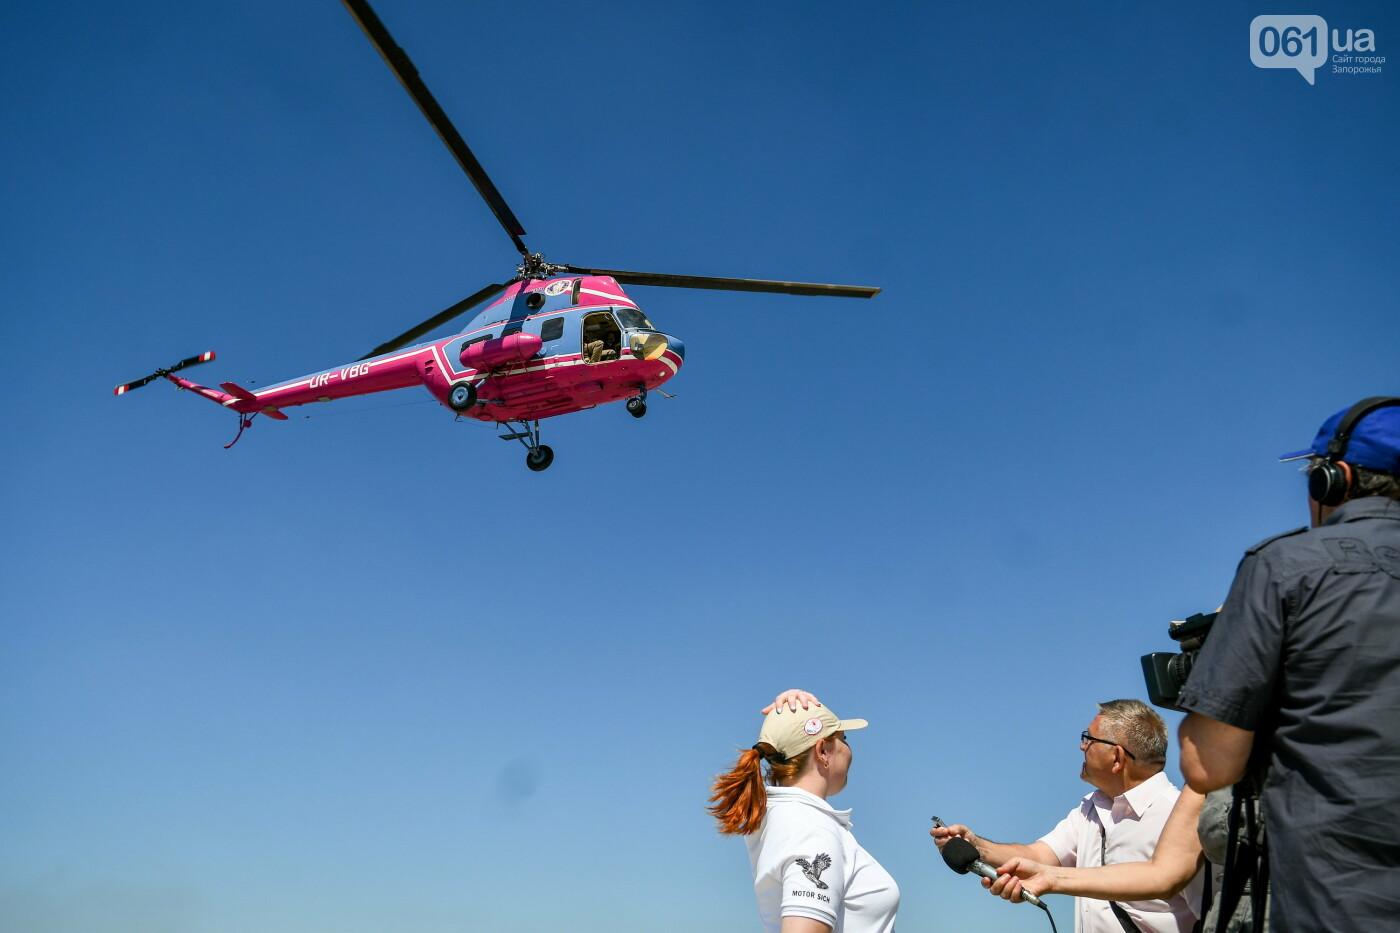 В Запорожье проходят соревнования по вертолетному спорту, - ФОТОРЕПОРТАЖ, фото-3